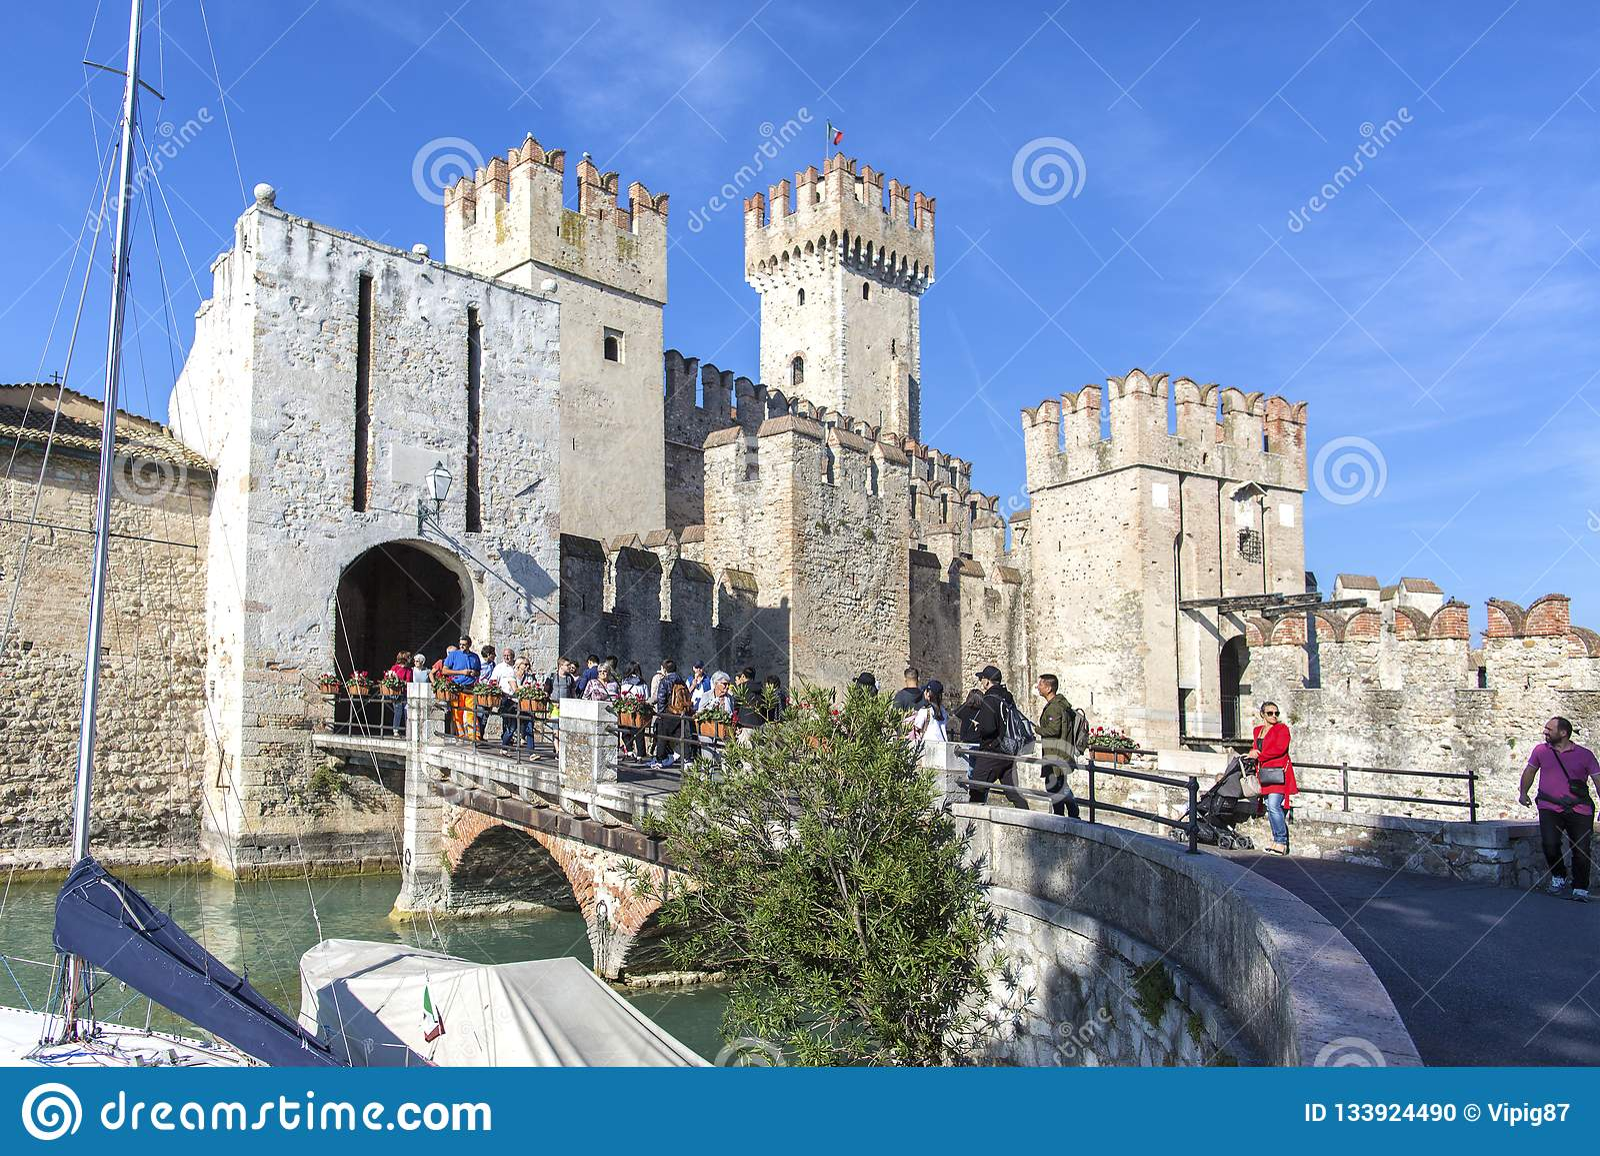 城堡在西尔苗内- 2018年10月2日:看法对中世纪Rocca Scaligera城堡13世纪在Garda湖的西尔苗内镇